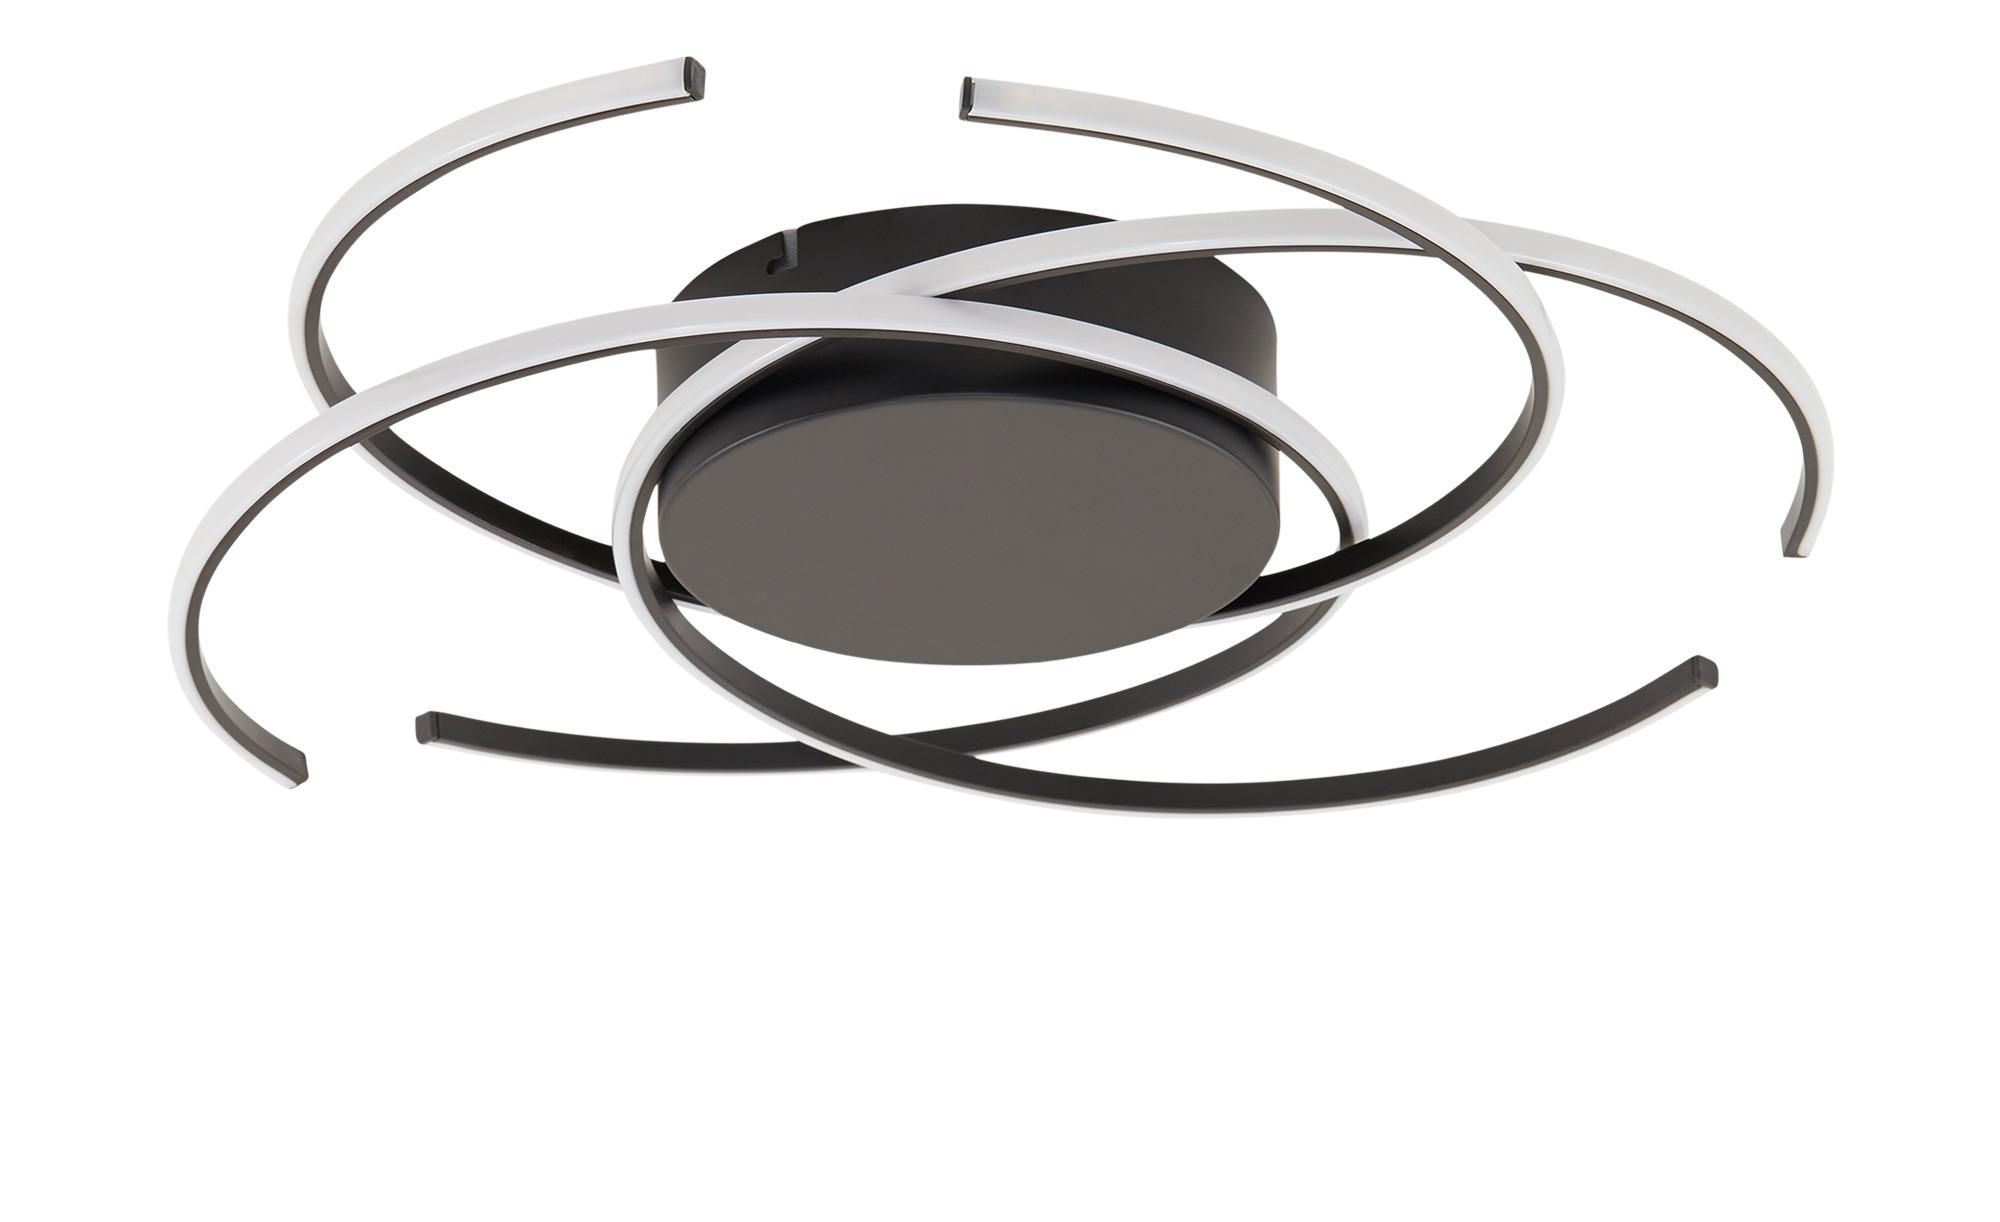 KHG LED-Deckenleuchte, 3-flammig, schwarz ¦ schwarz ¦ Maße (cm): H: 12 Ø: 50 Lampen & Leuchten > Innenleuchten > Deckenleuchten - Höffner